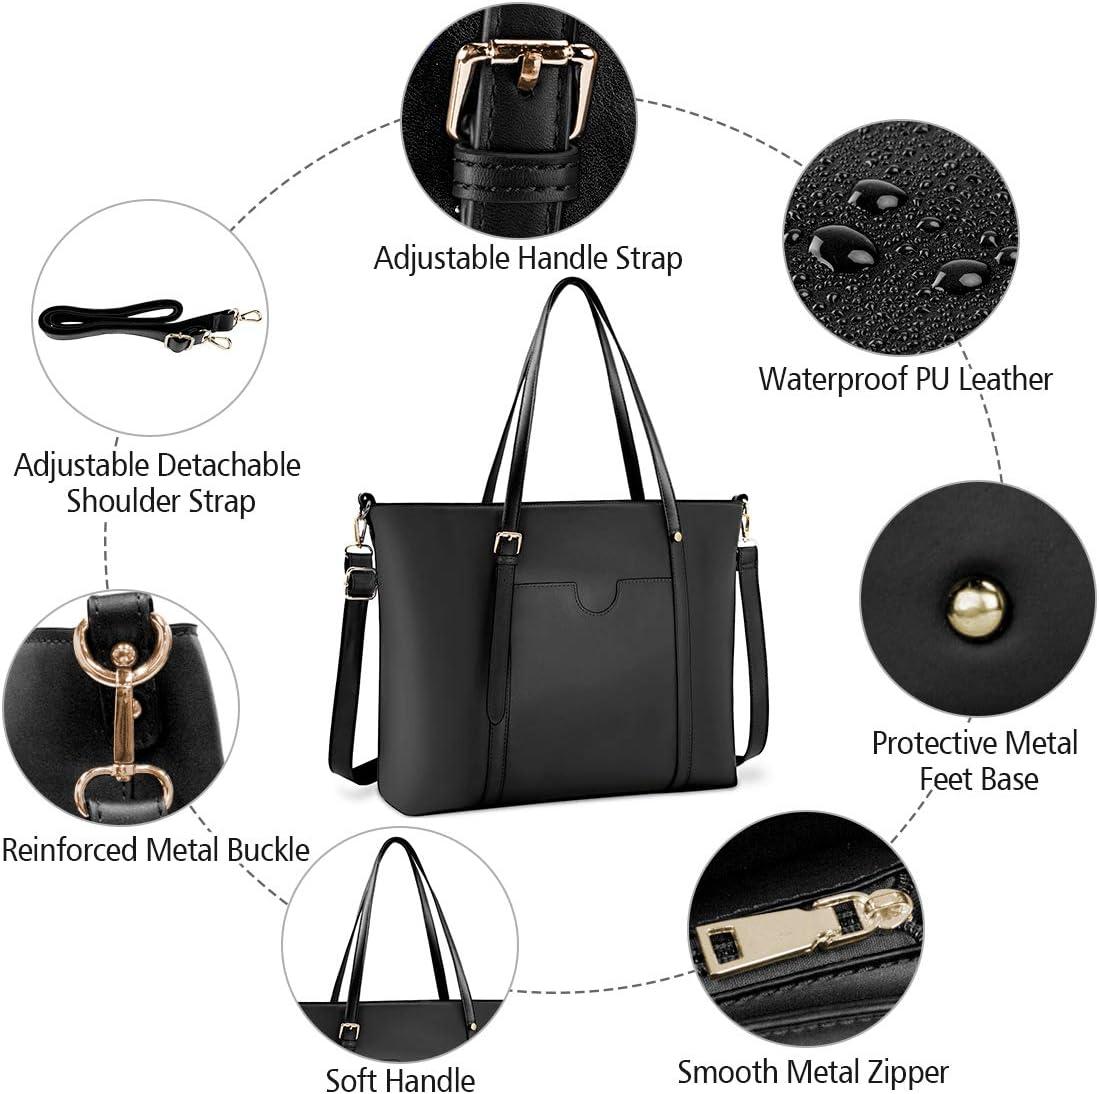 NUBILY Handtasche Shopper Damen Gro/ß 15.6 Zoll PU Leder Shopper Blass lila Laptop Umh/ängetasche Gross Business Aktentasche Frauen Retro Schule Taschen